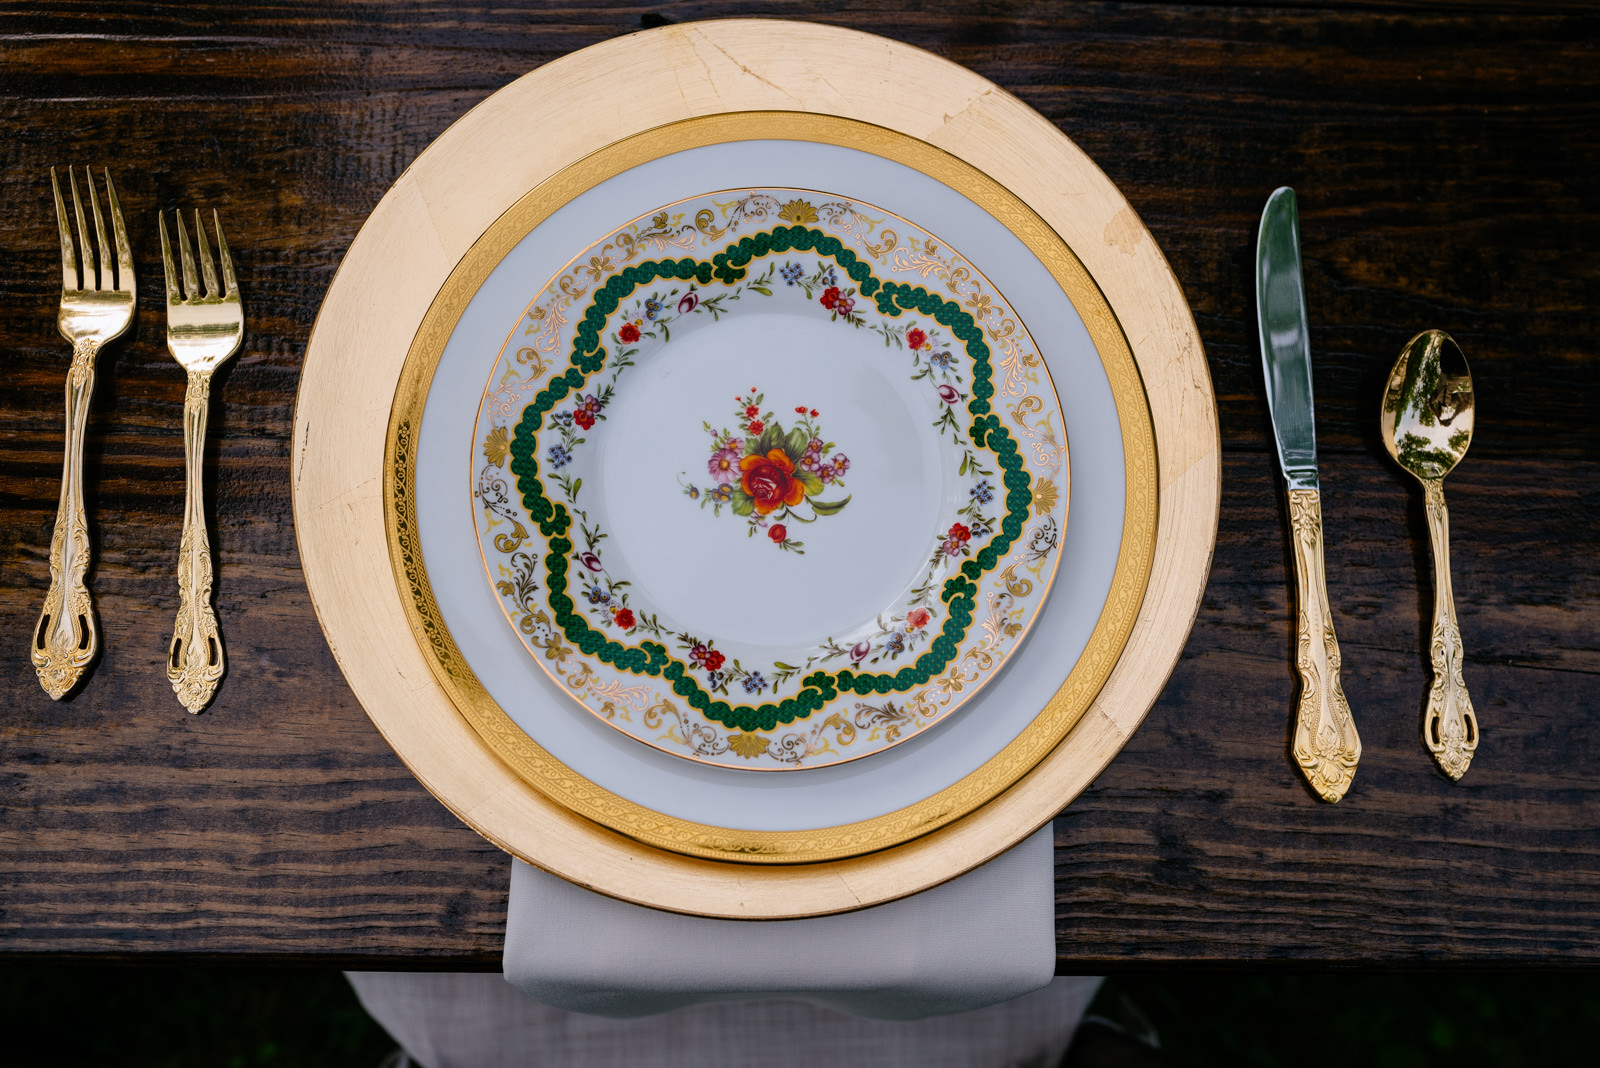 wedding details golden utensils vintage plates